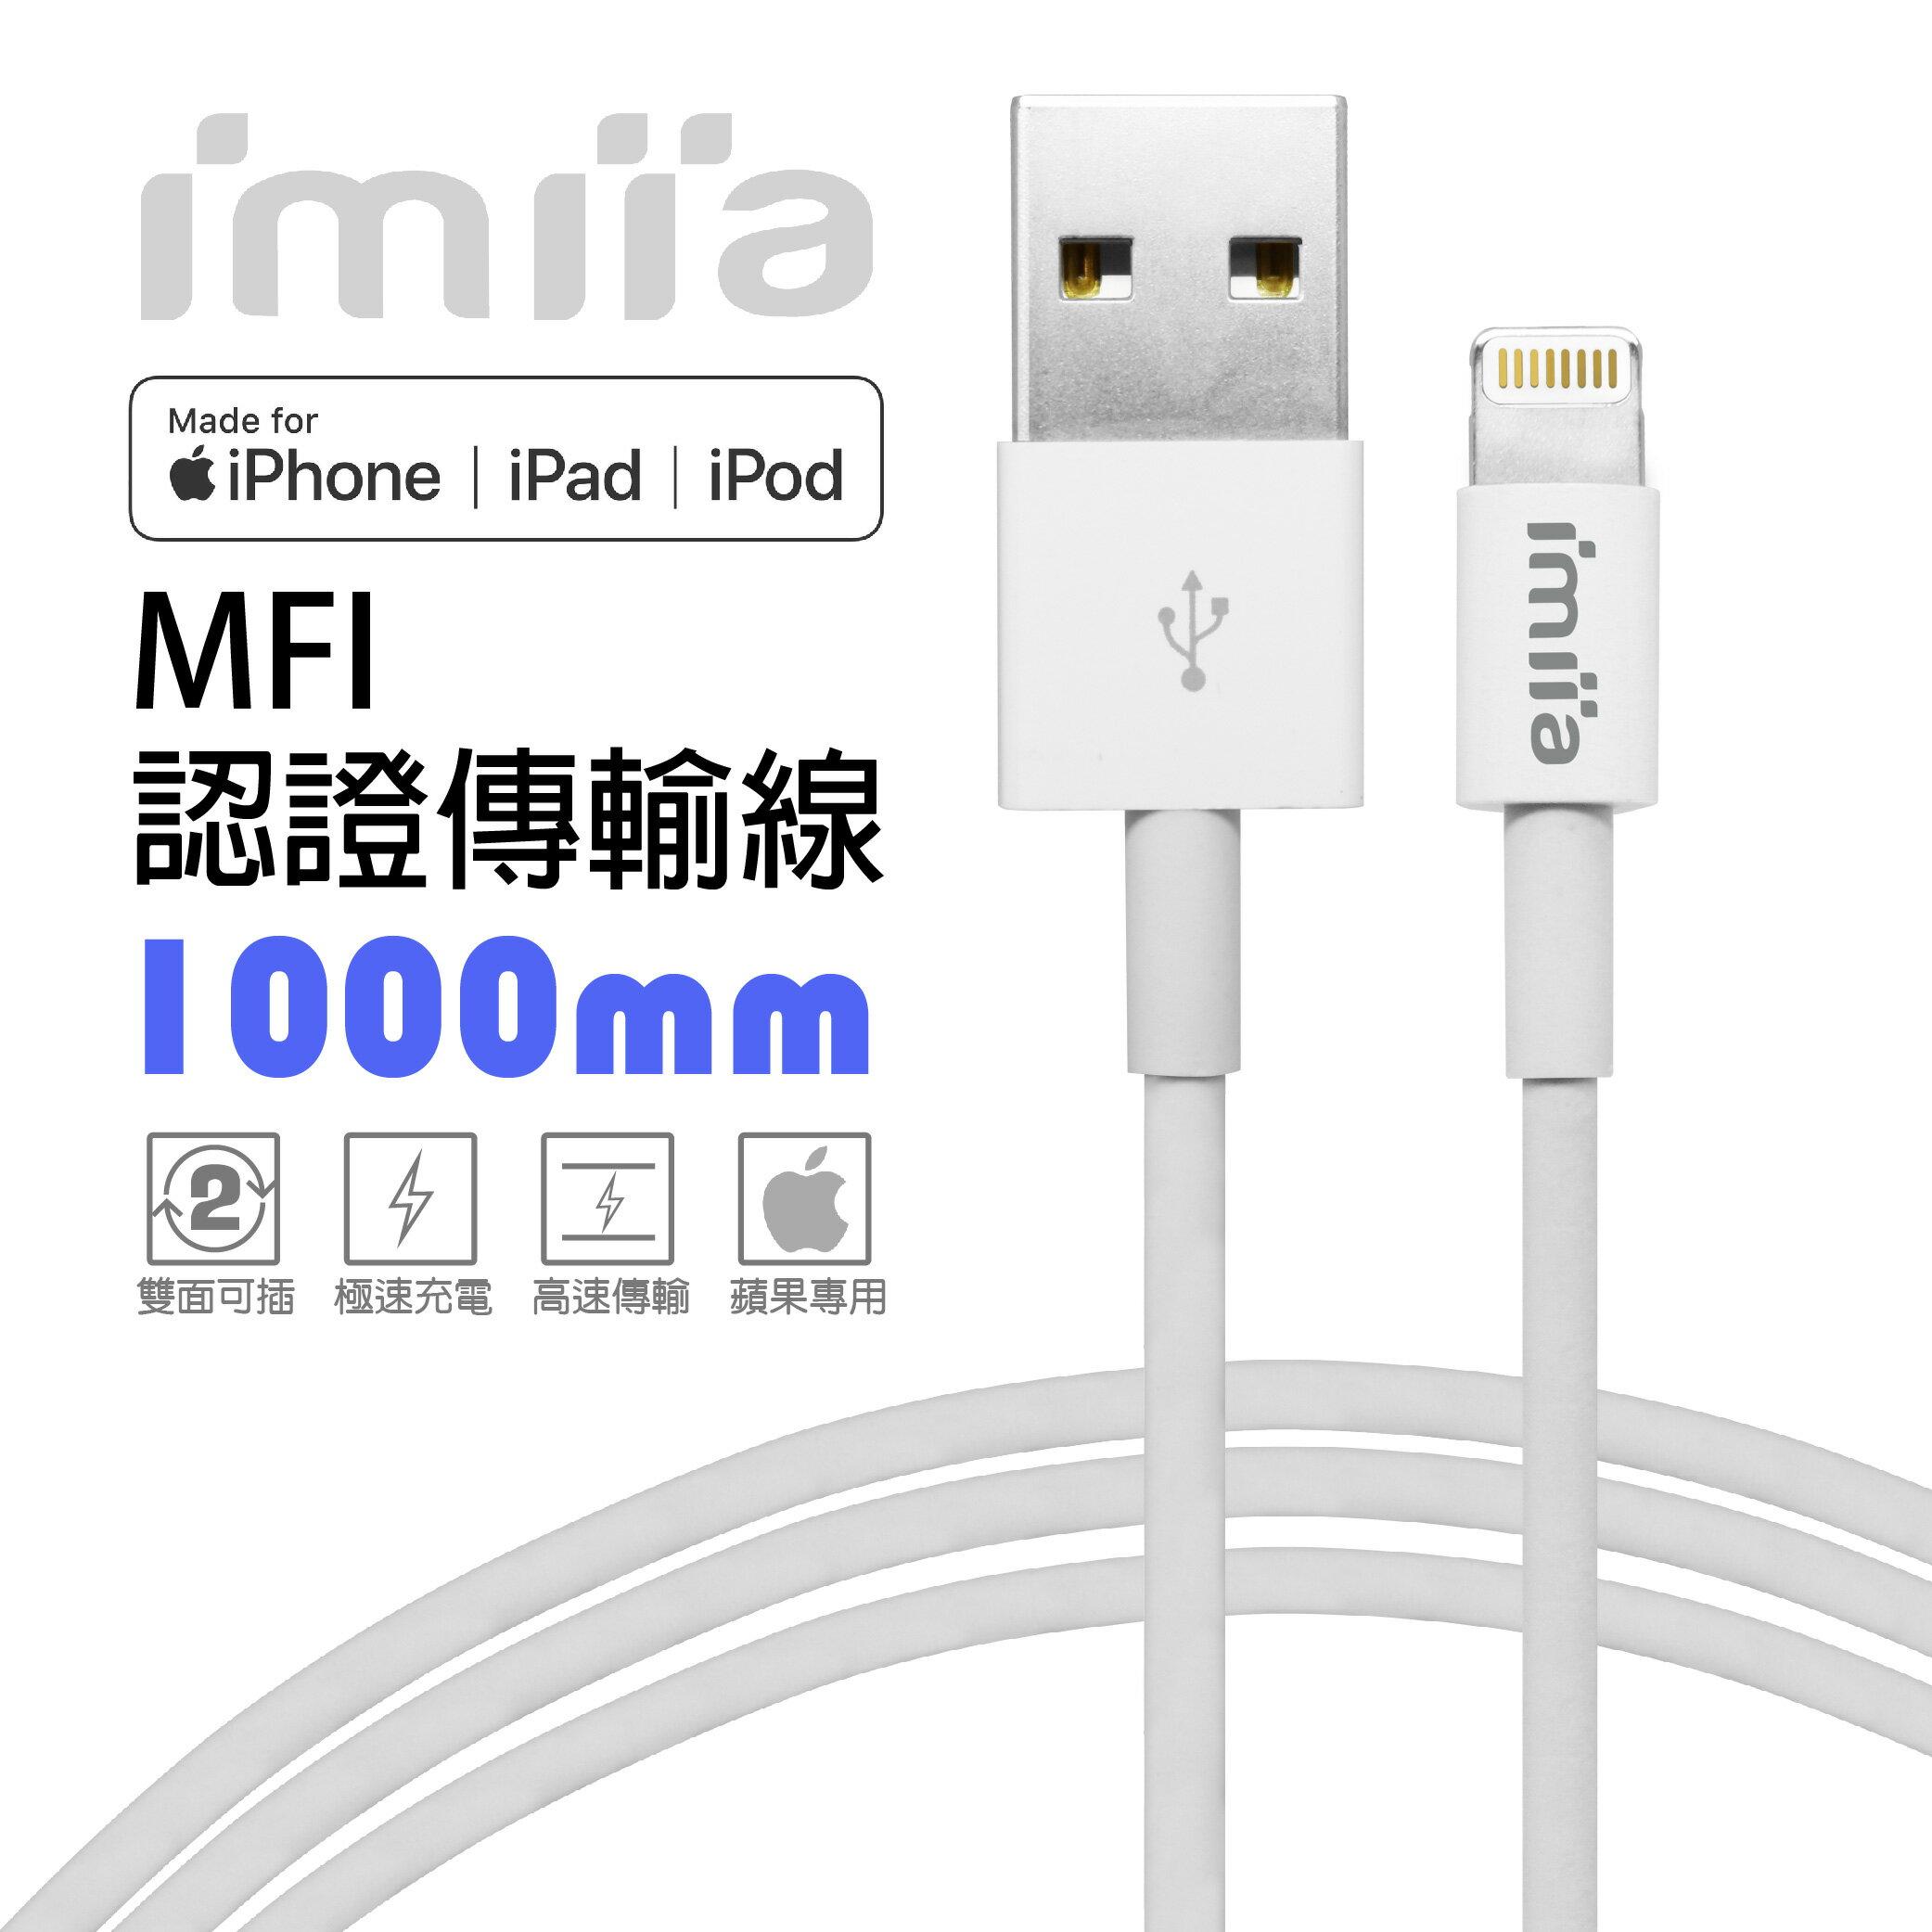 【現貨原廠保固一年】iPhone Lightning 8Pin MFI蘋果認證 傳輸充電線 1M